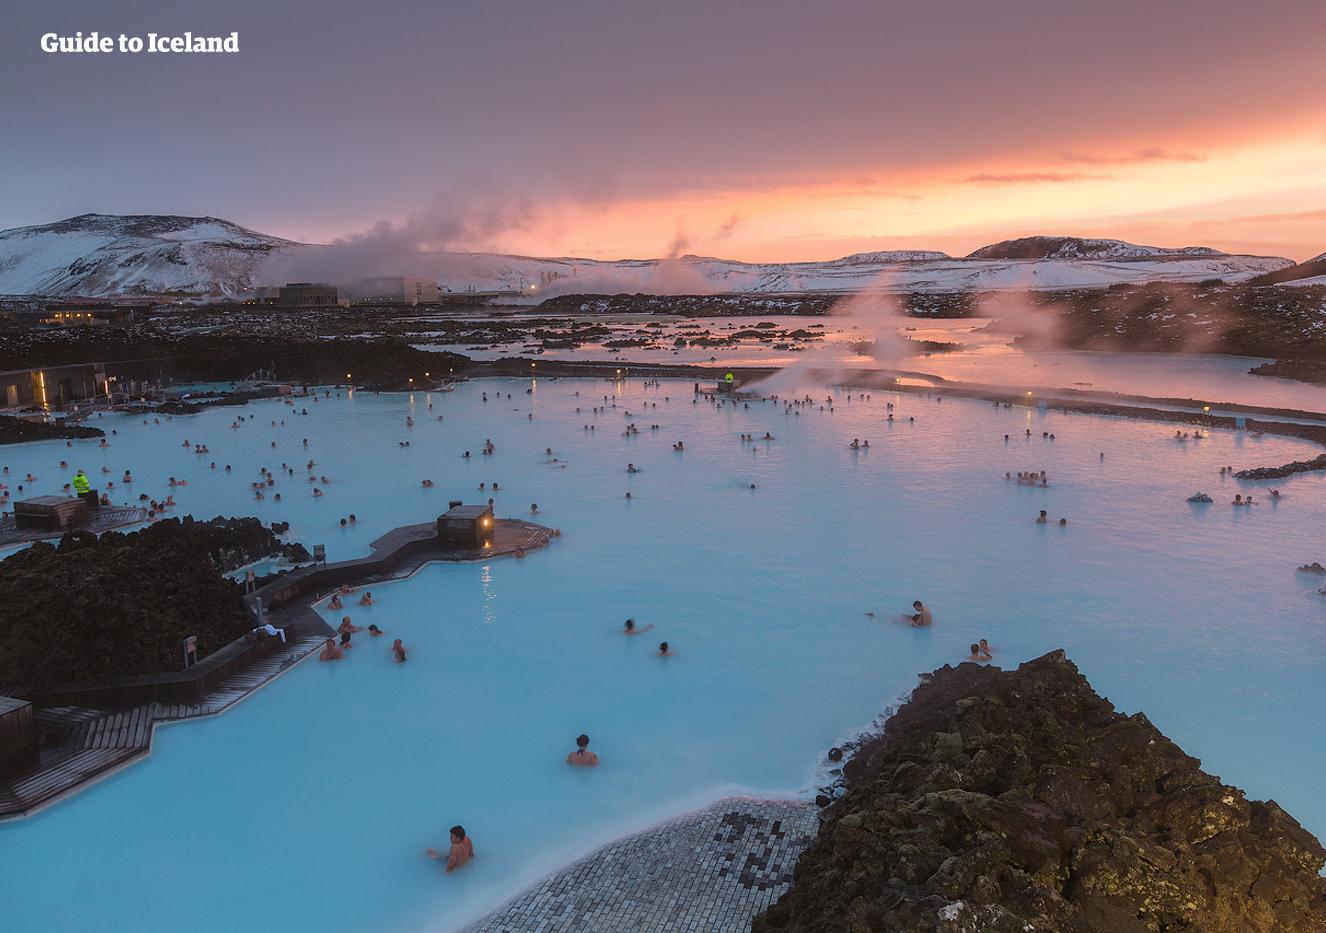 在回家之前去冰岛蓝湖温泉放松旅行的疲劳